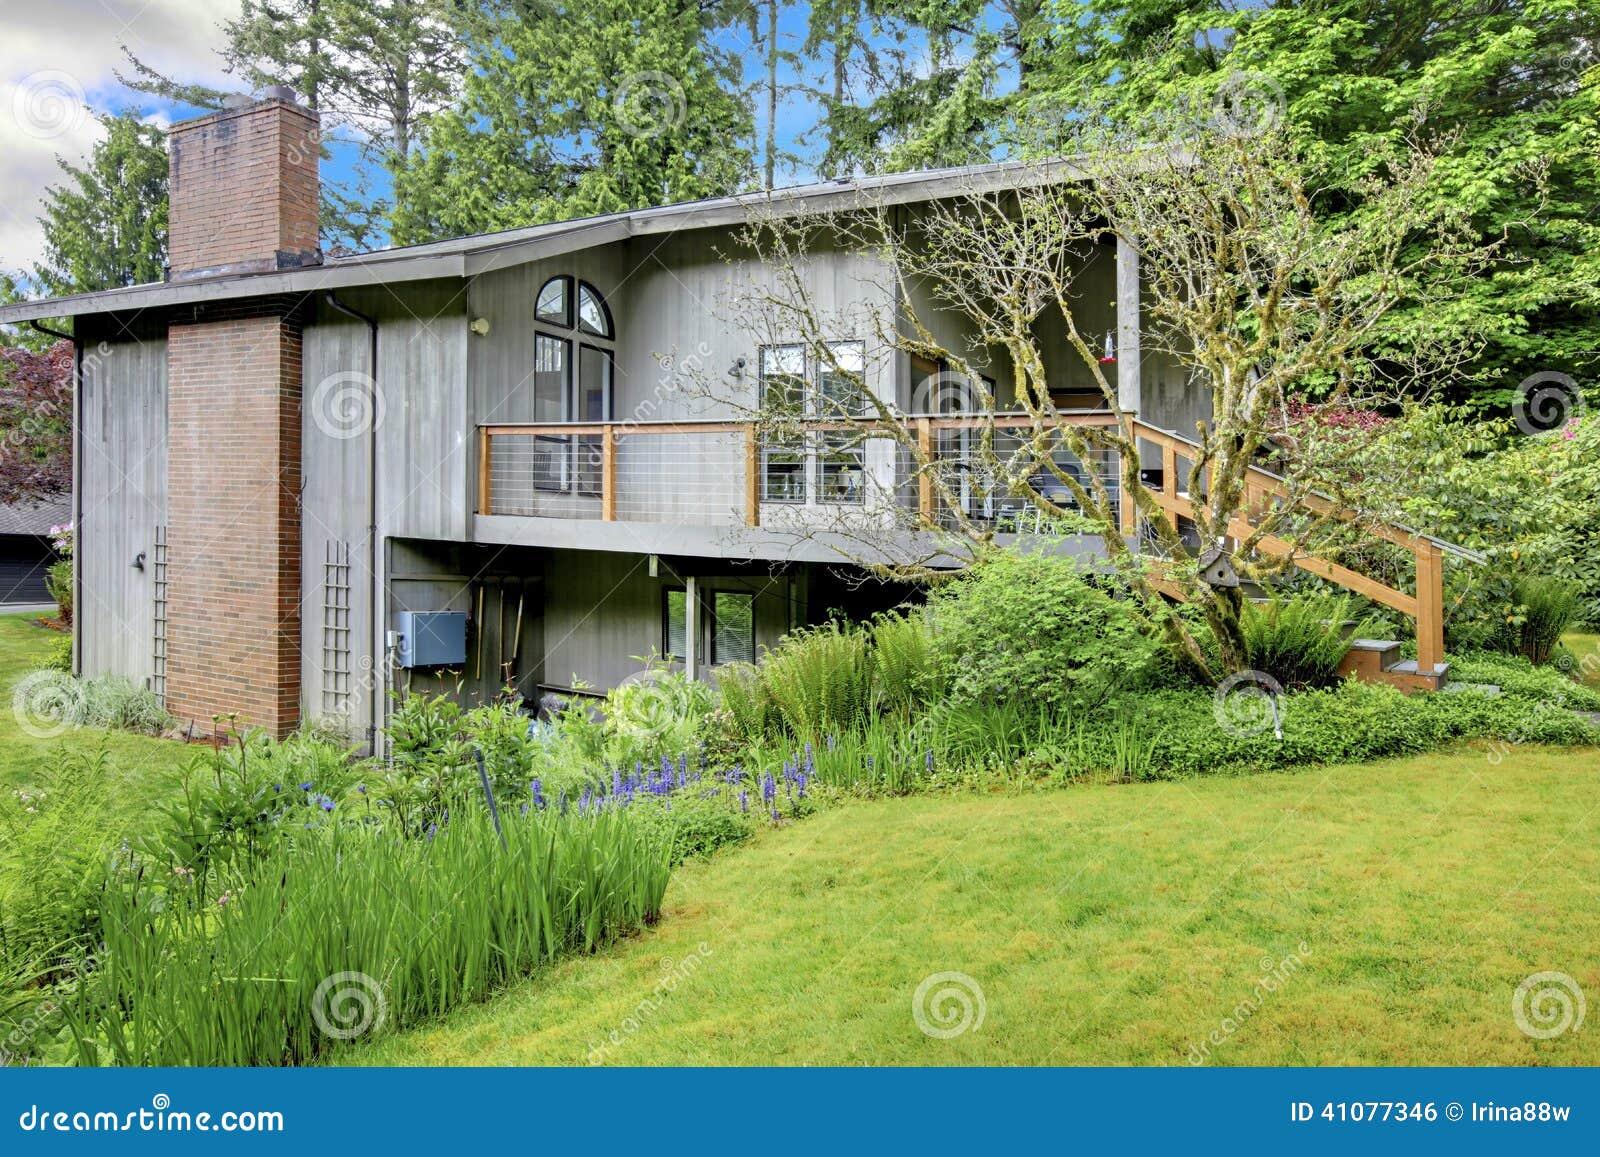 House With Brick Chimney Stock Photo Image 41077346